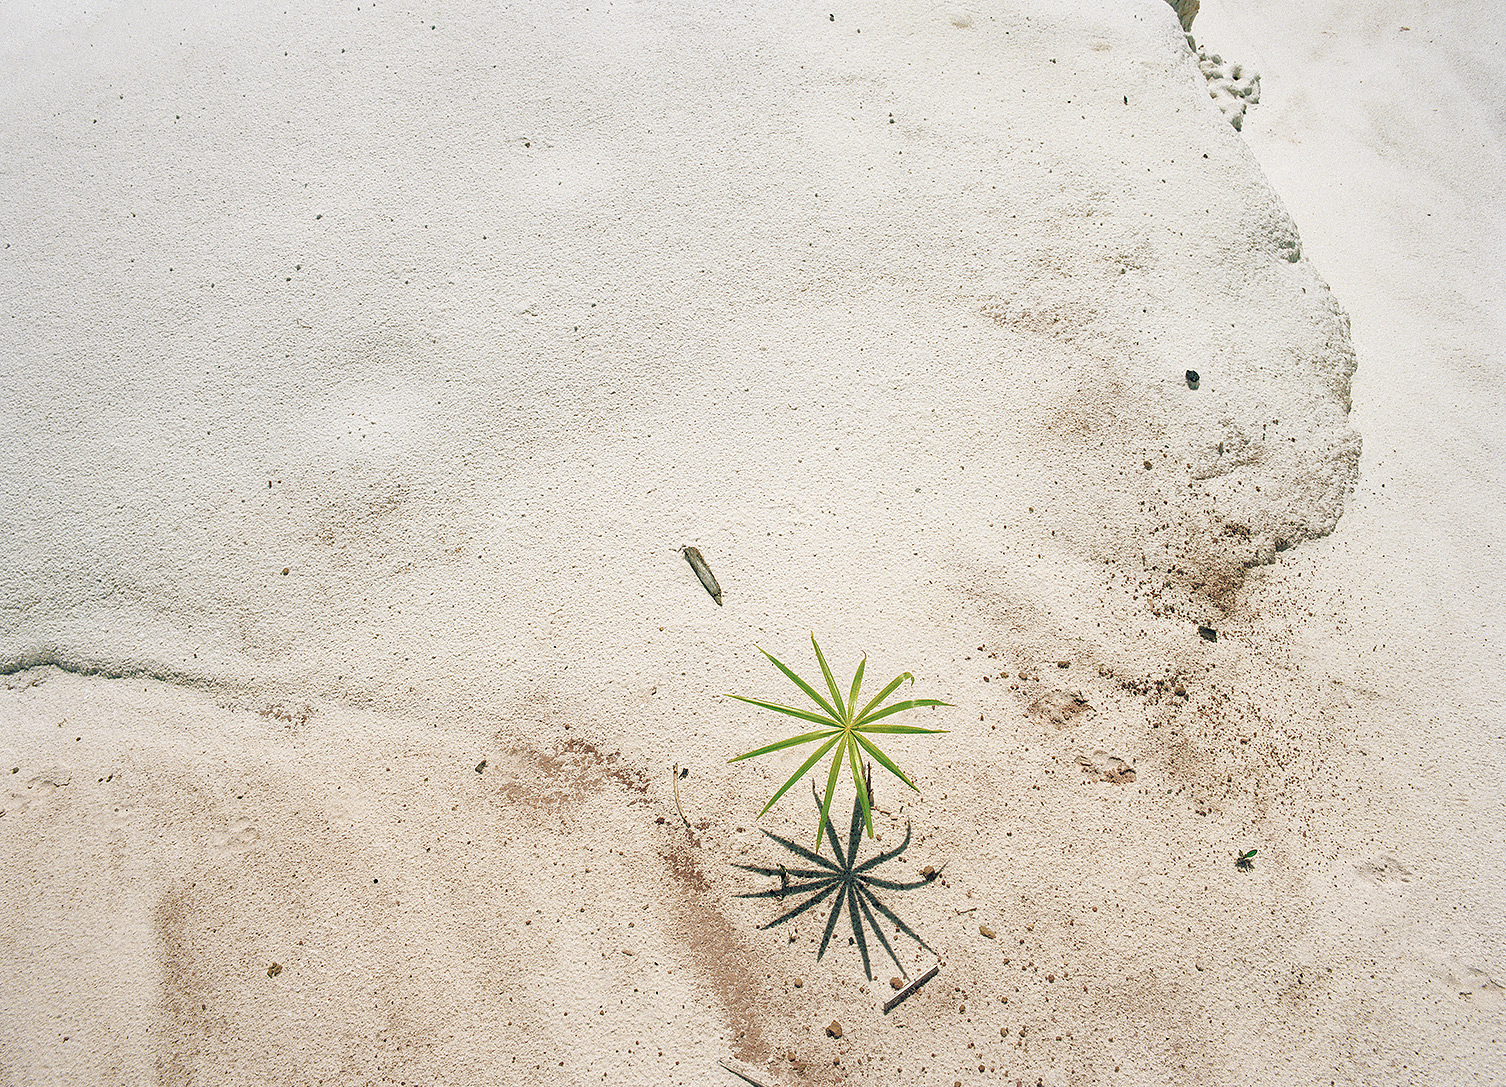 Palm-Seedling-on-Deforestation-area